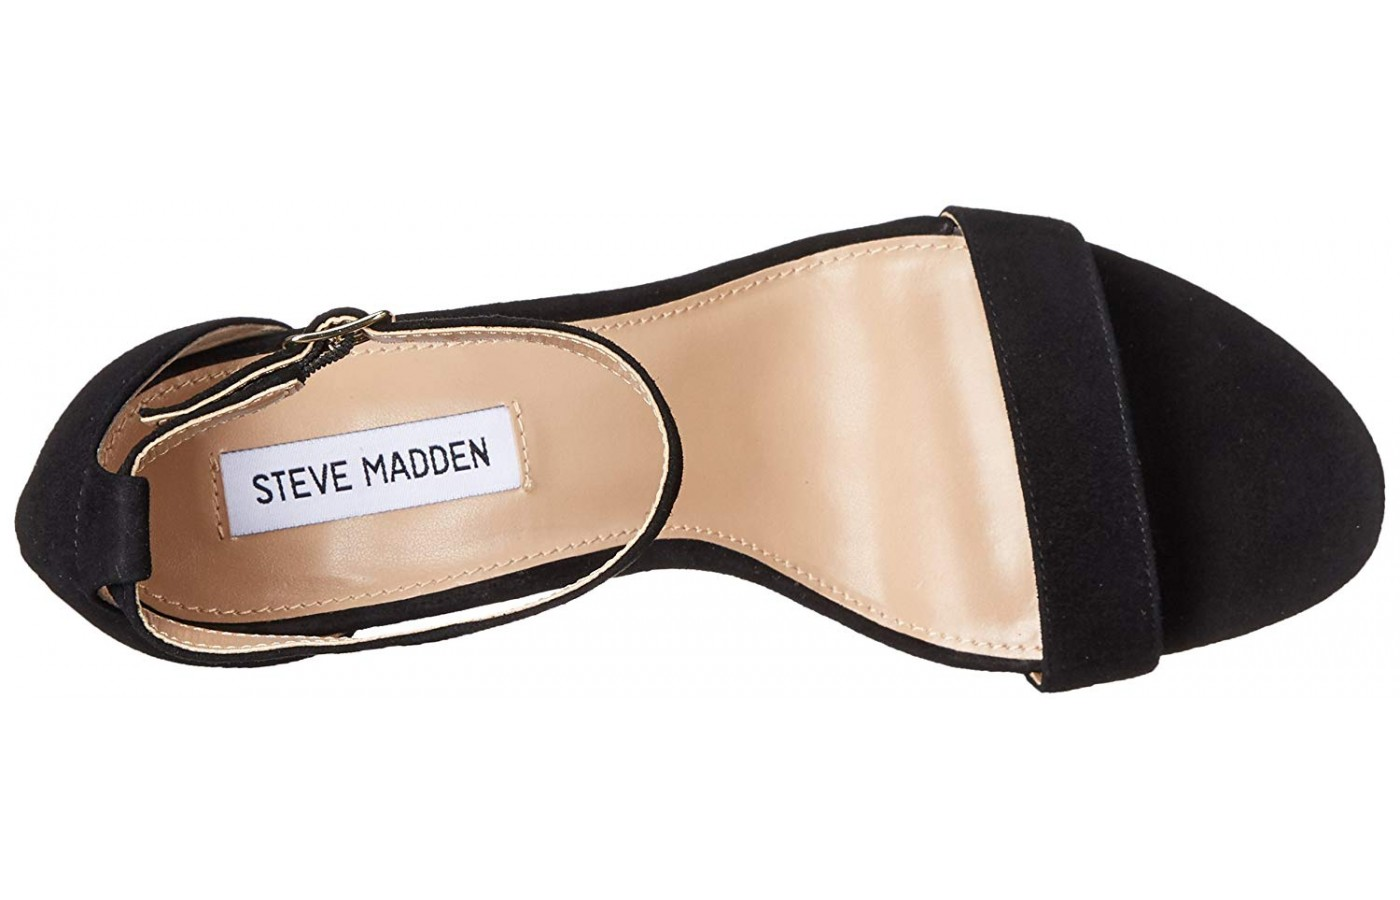 Steve Madden Carrson Upper